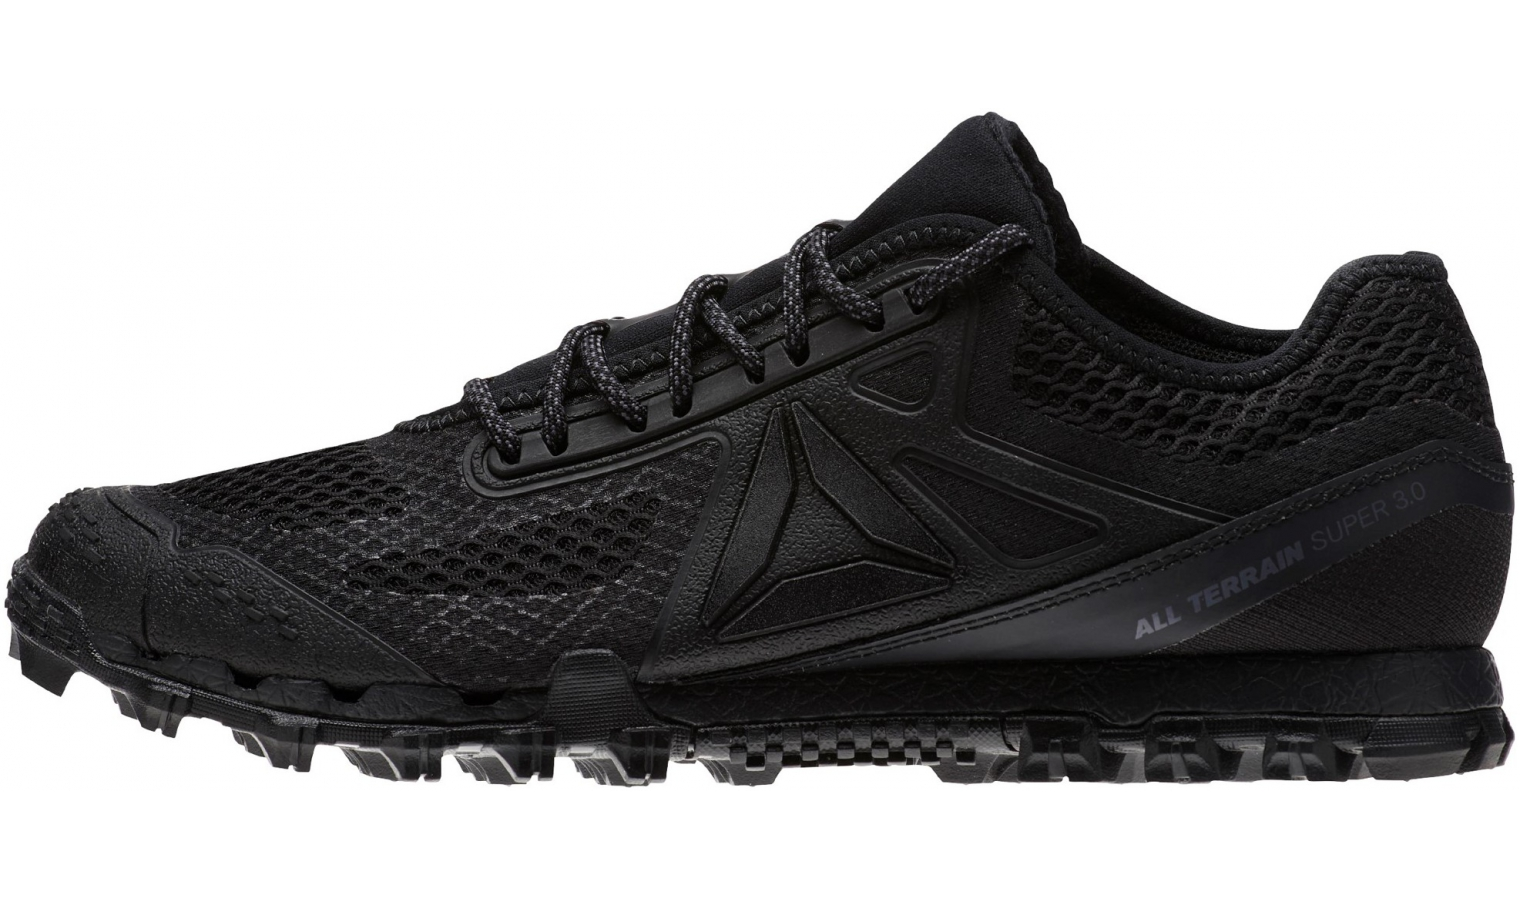 Pánské běžecké boty Reebok AT SUPER 3.0 STEALTH černé  7875f48f1f5